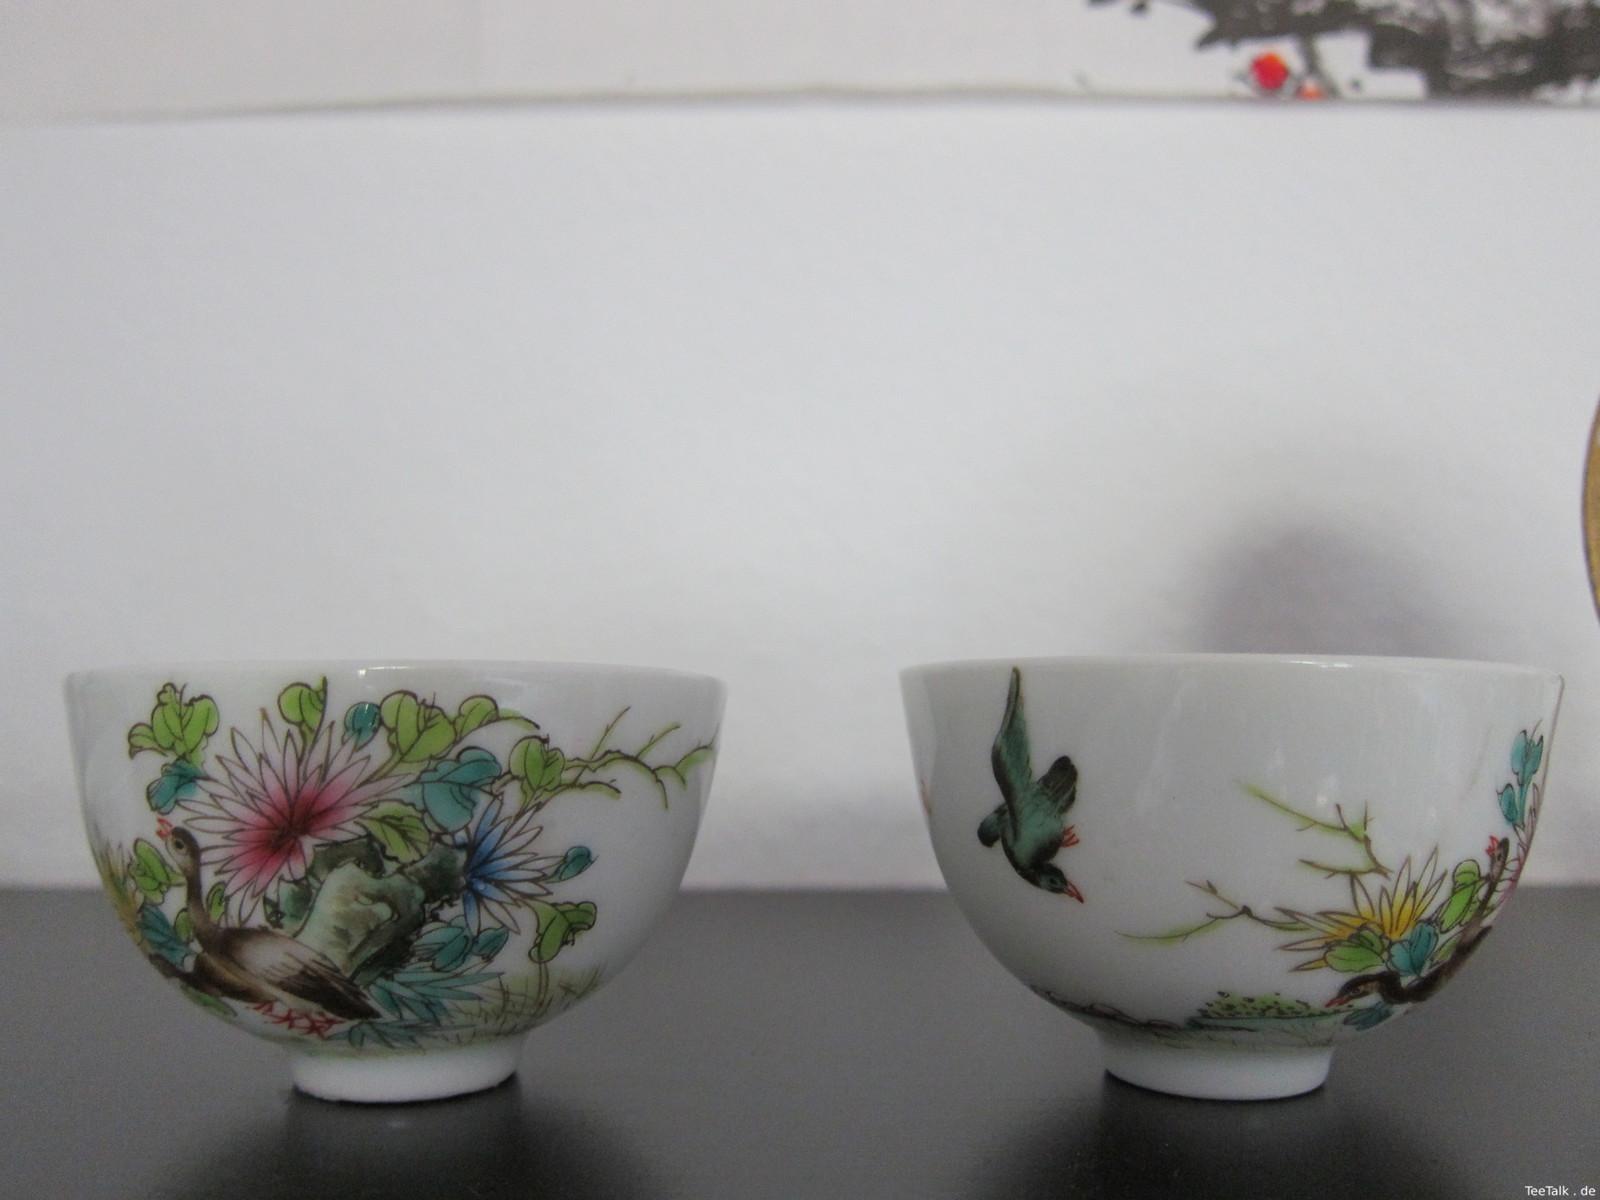 Teeschalen mit Motiven